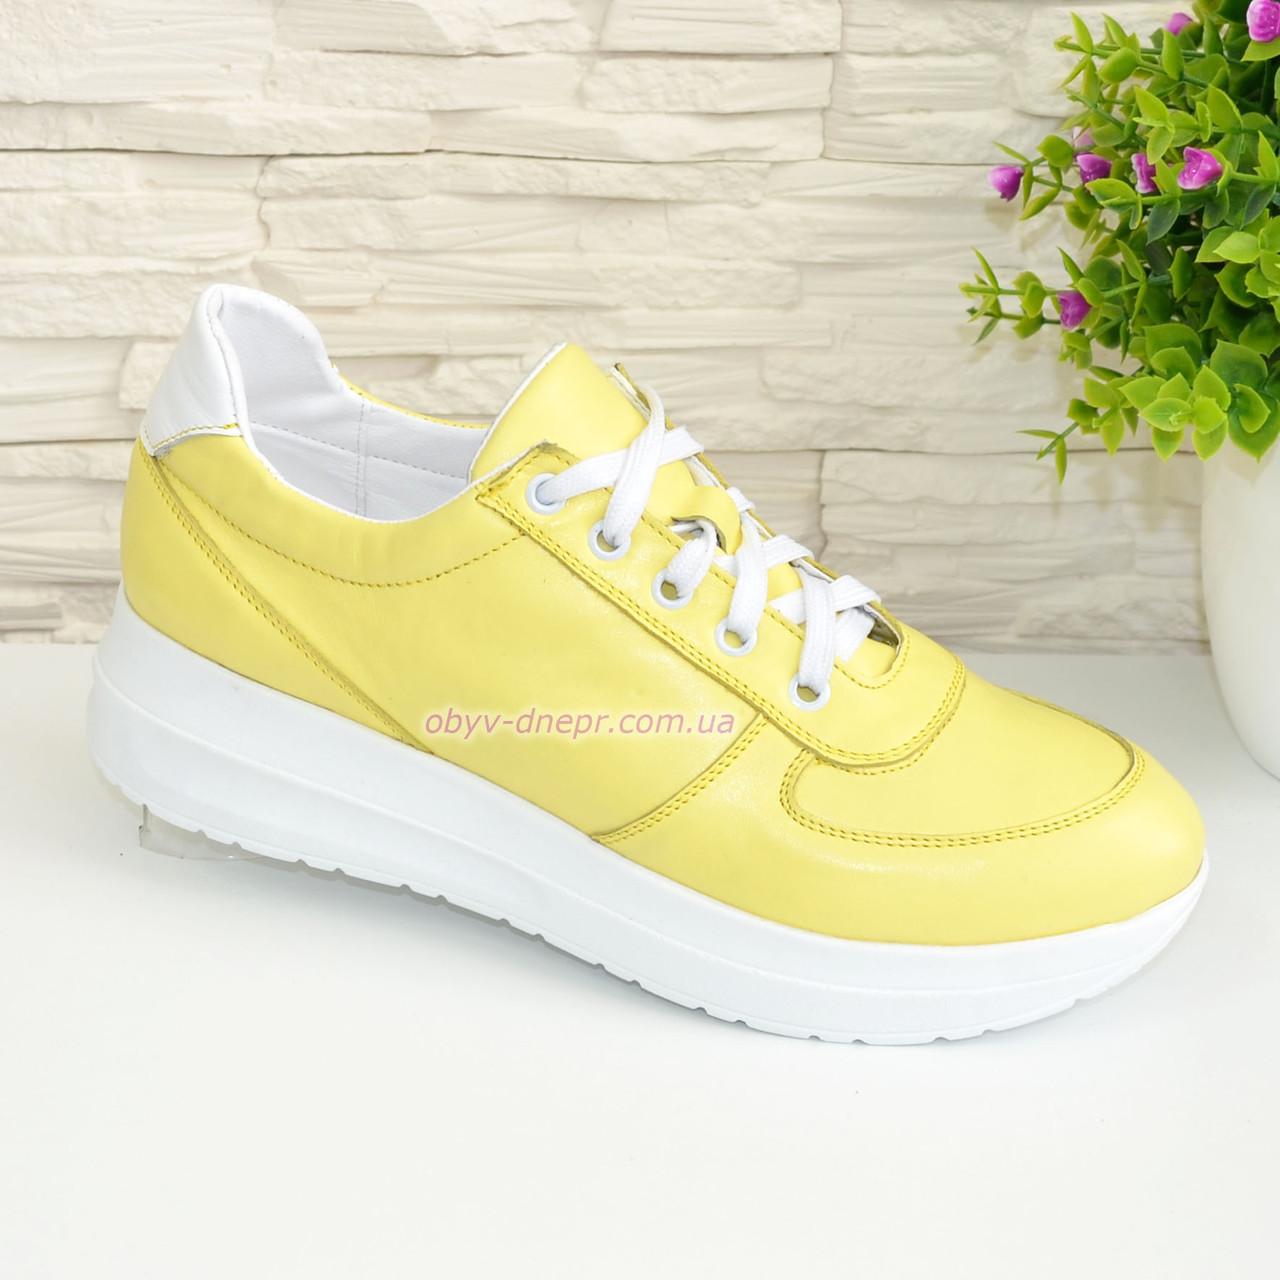 Туфли женские кожаные на утолщенной белой подошве, цвет желтый.